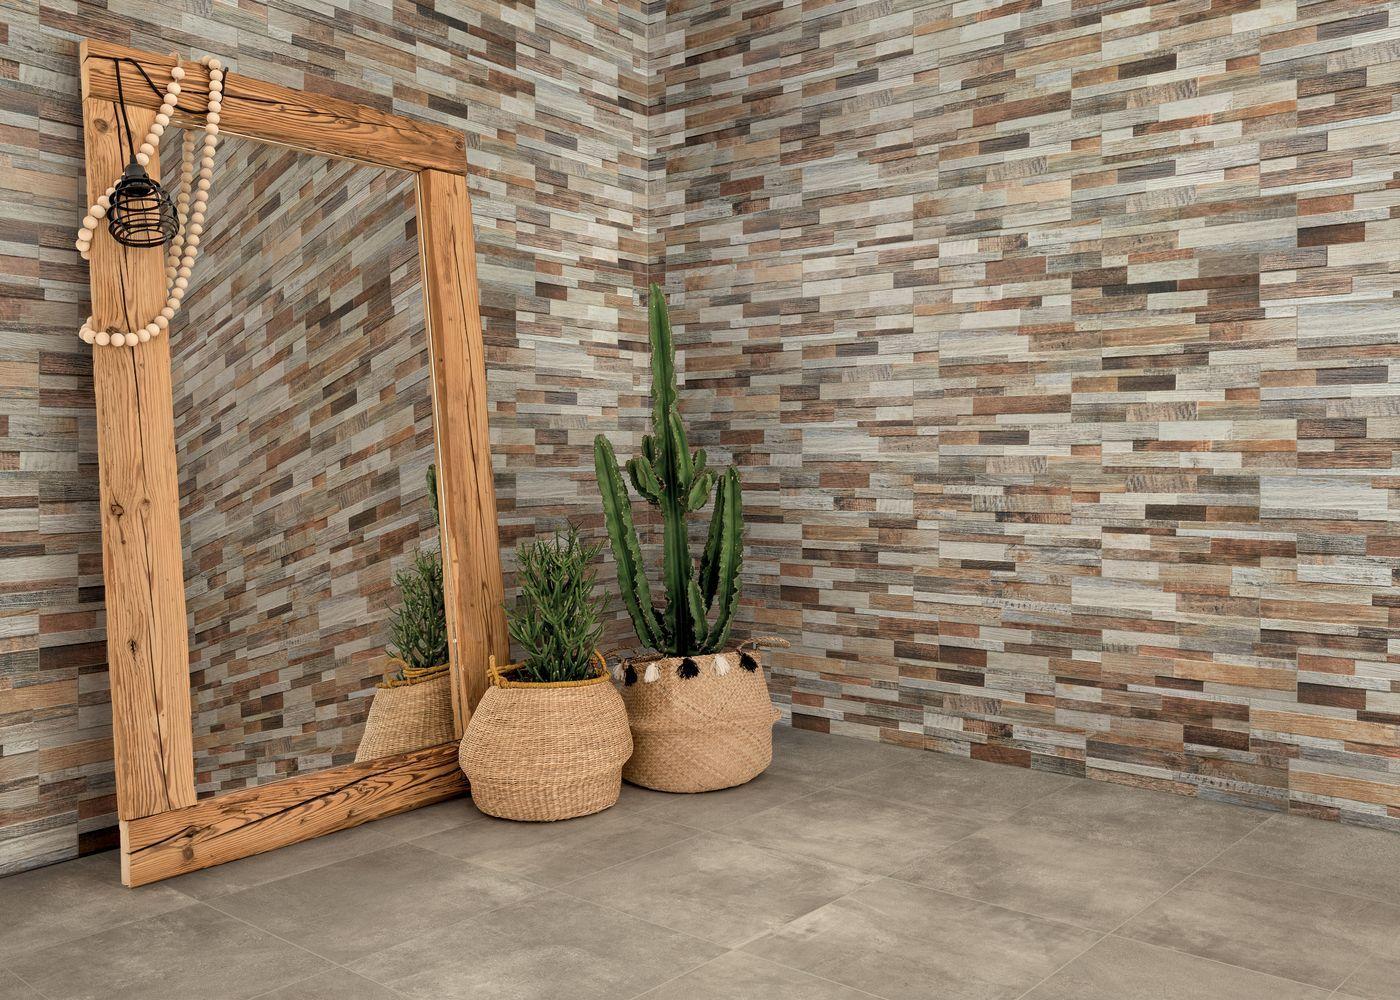 Parement Mur Extérieur Terrasse Inwood 3D| Vm #cactus ... intérieur Carrelage Pour Mur Extérieur